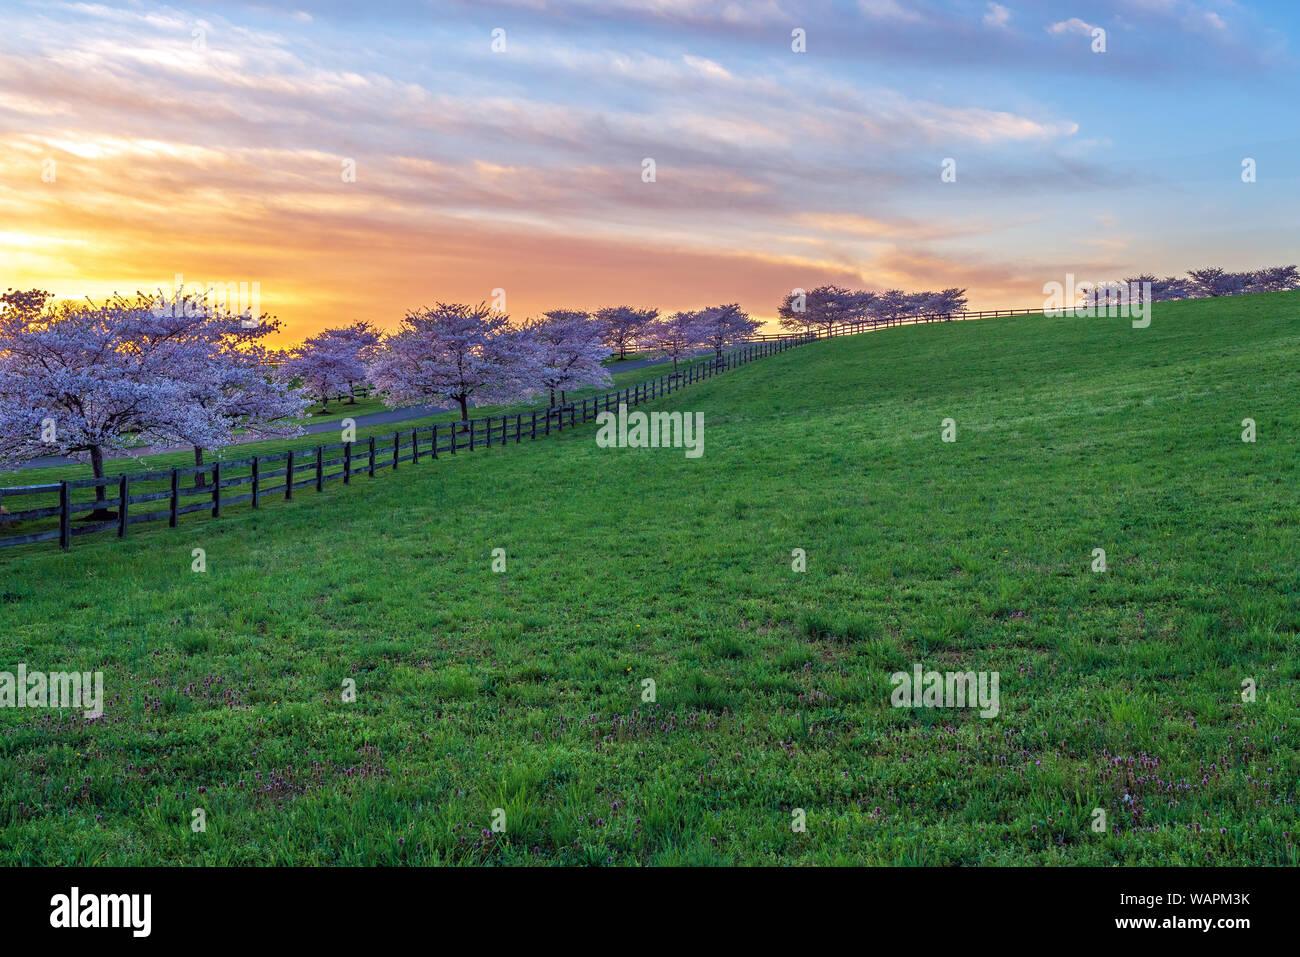 Fioritura dei ciliegi, illuminata dal tardo pomeriggio luce, linea un lungo viale di ingresso e recinzione. Foto Stock